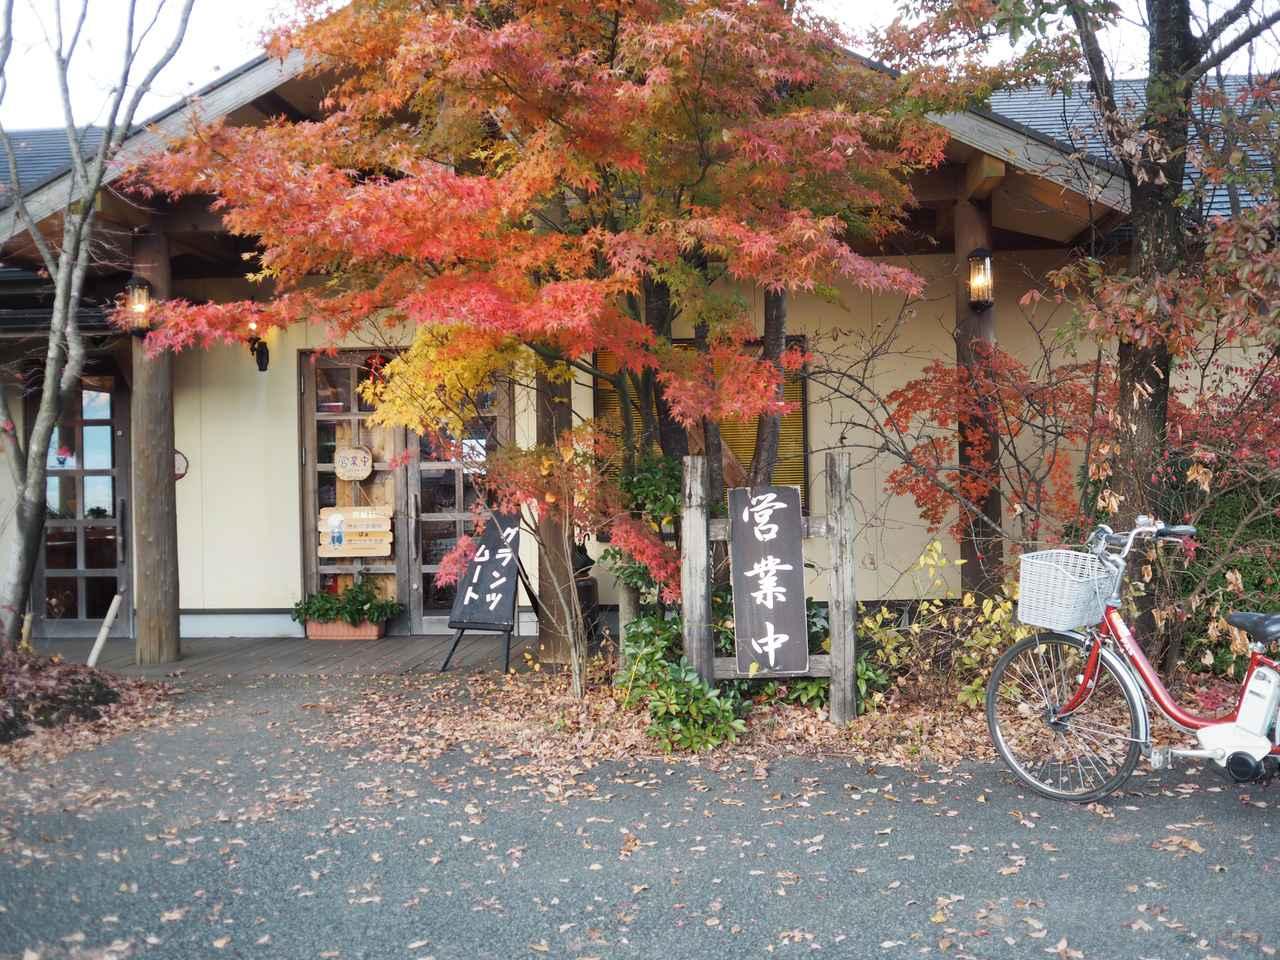 画像: そして、PASを返却する前に素敵な雰囲気のパン屋さんを発見♪ オーナーのかたやお客様で来店したかたとの良い出会いもありました♪ 旅先で思いがけずであった方や良い情報などがあると、また次回、熊本に行く時が楽しみですよね。「ぐらんつむーと」( http://glanz-mut.com/)さん。イートインコーナーも店内にあります。